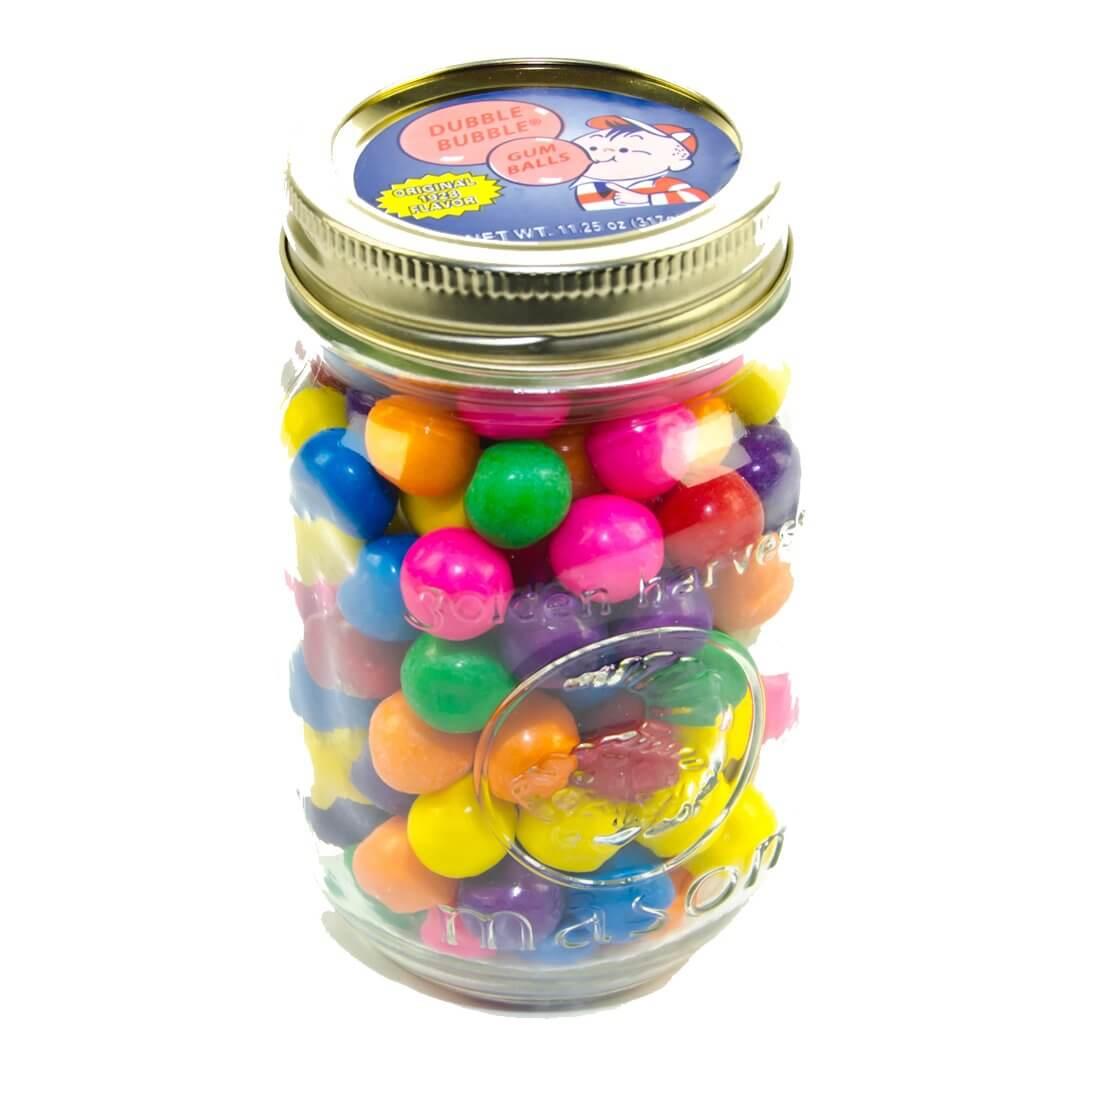 Bubble Gum Jar